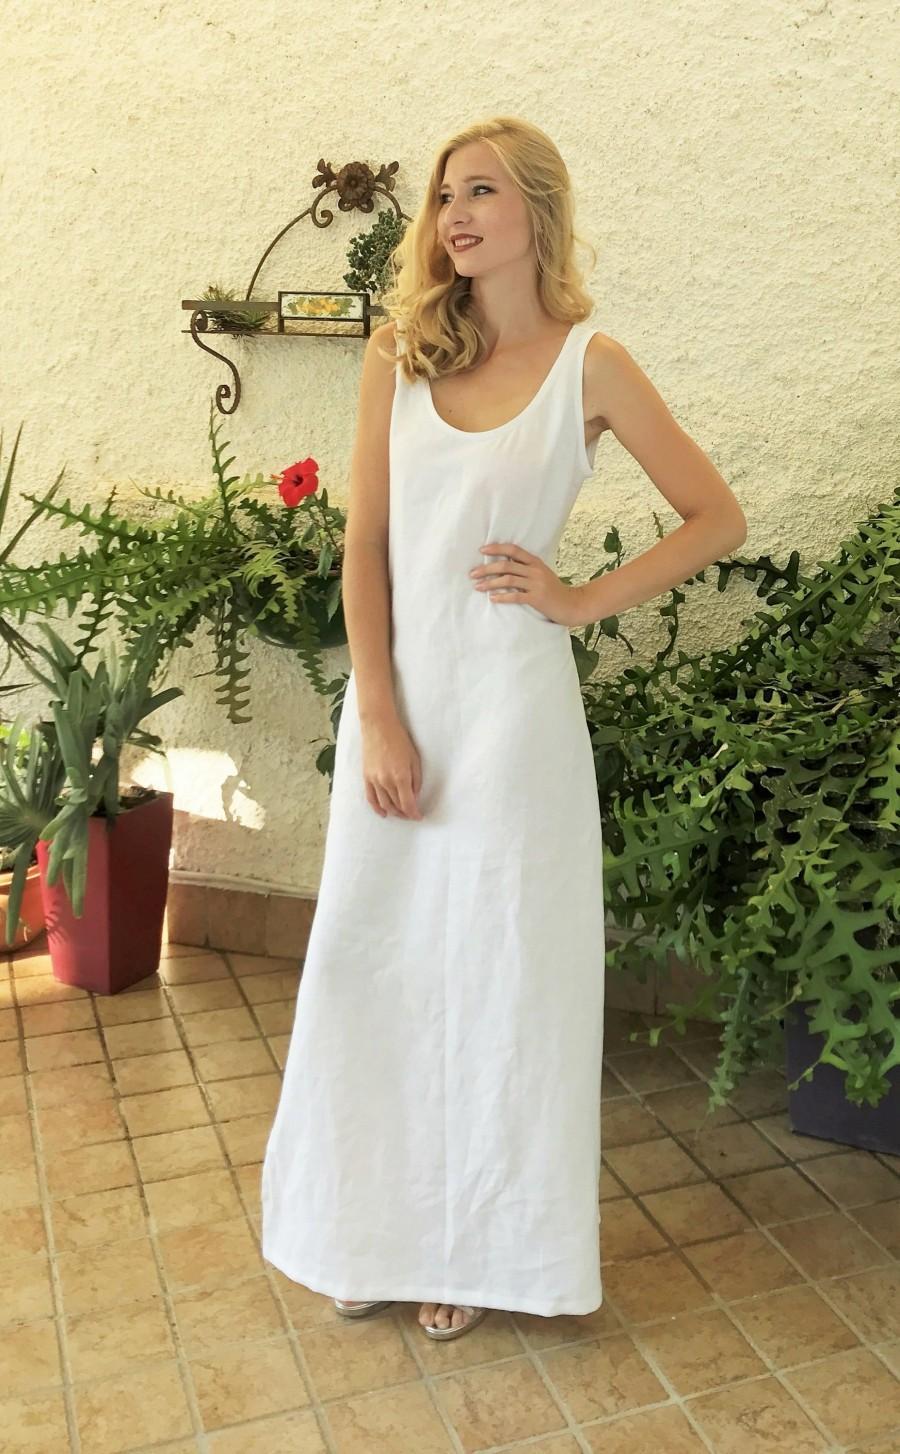 Hochzeit - Italian Linen Dress, White Linen Maxi Dress, Boho Wedding Dress, Sleeveless Dress, Beach Bridal Dress, Linen Tank Dress, Plus Size Clothing